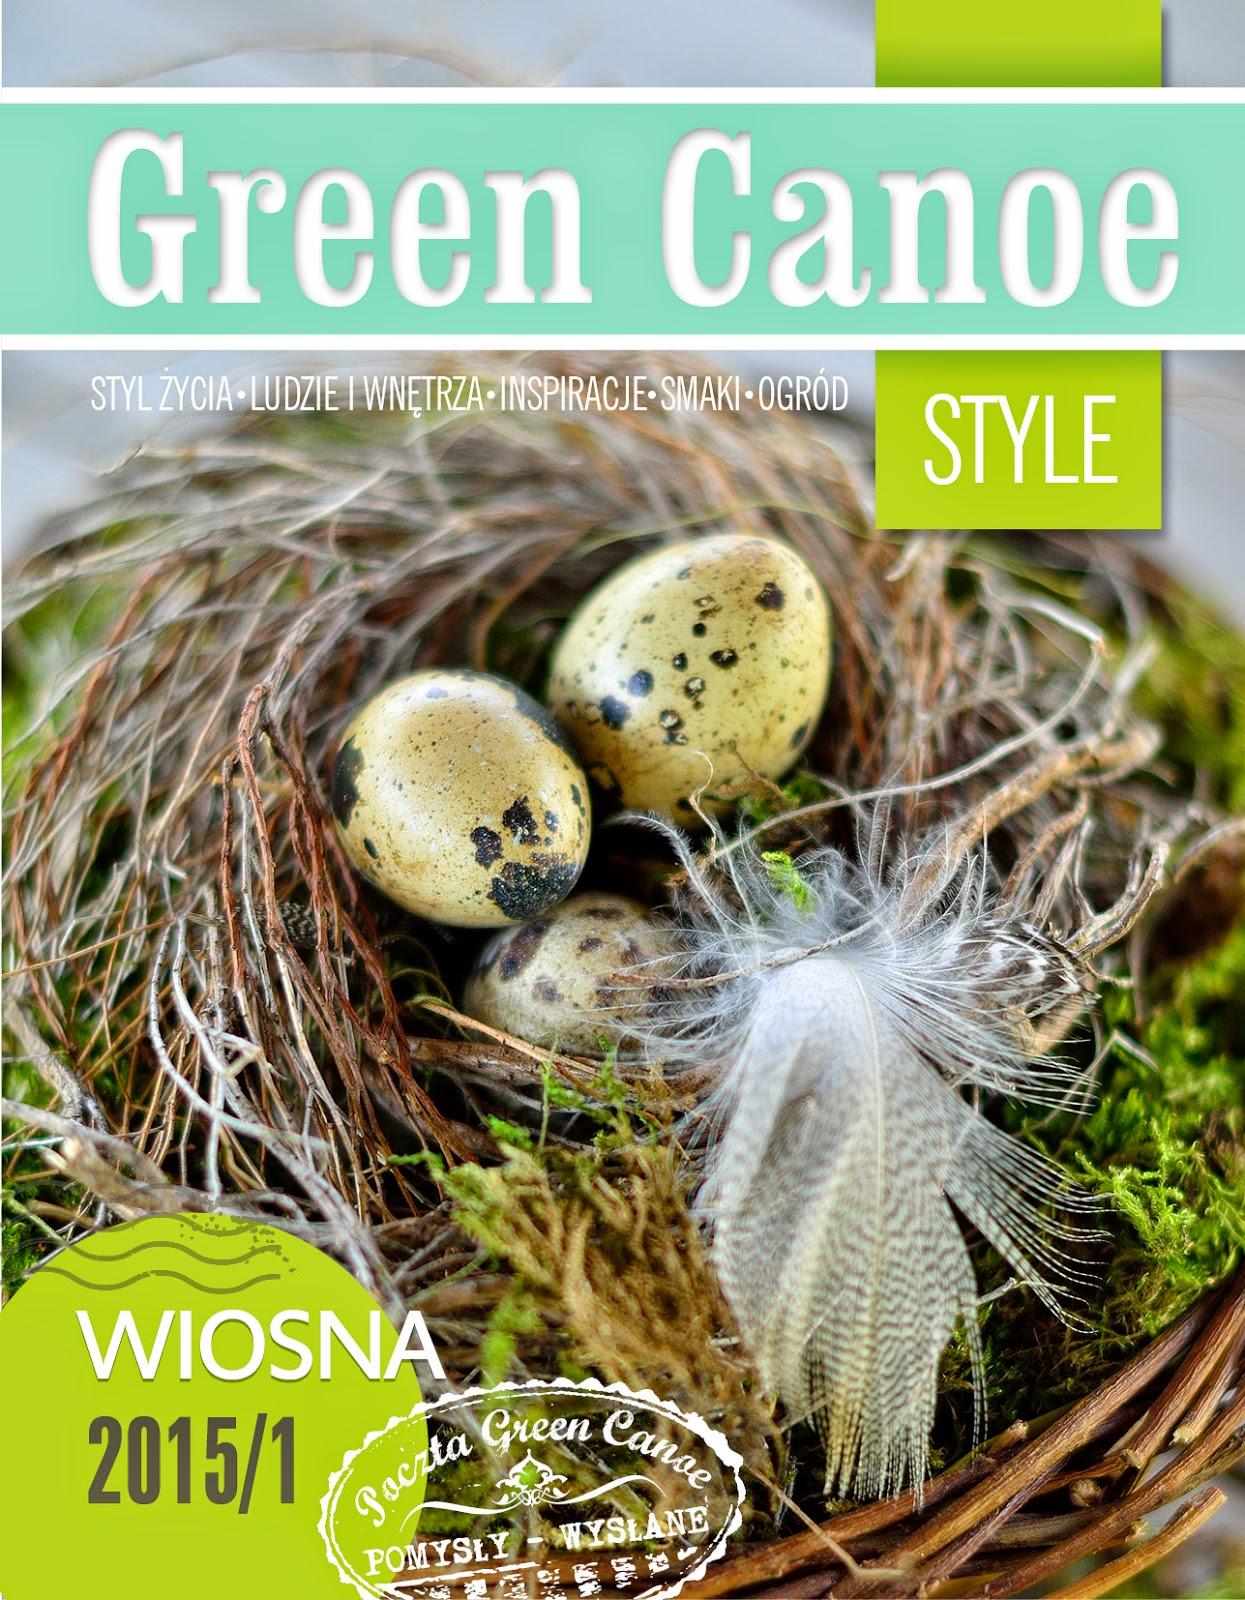 Niczego Sobie w Green Canoe Style - wiosna 2015